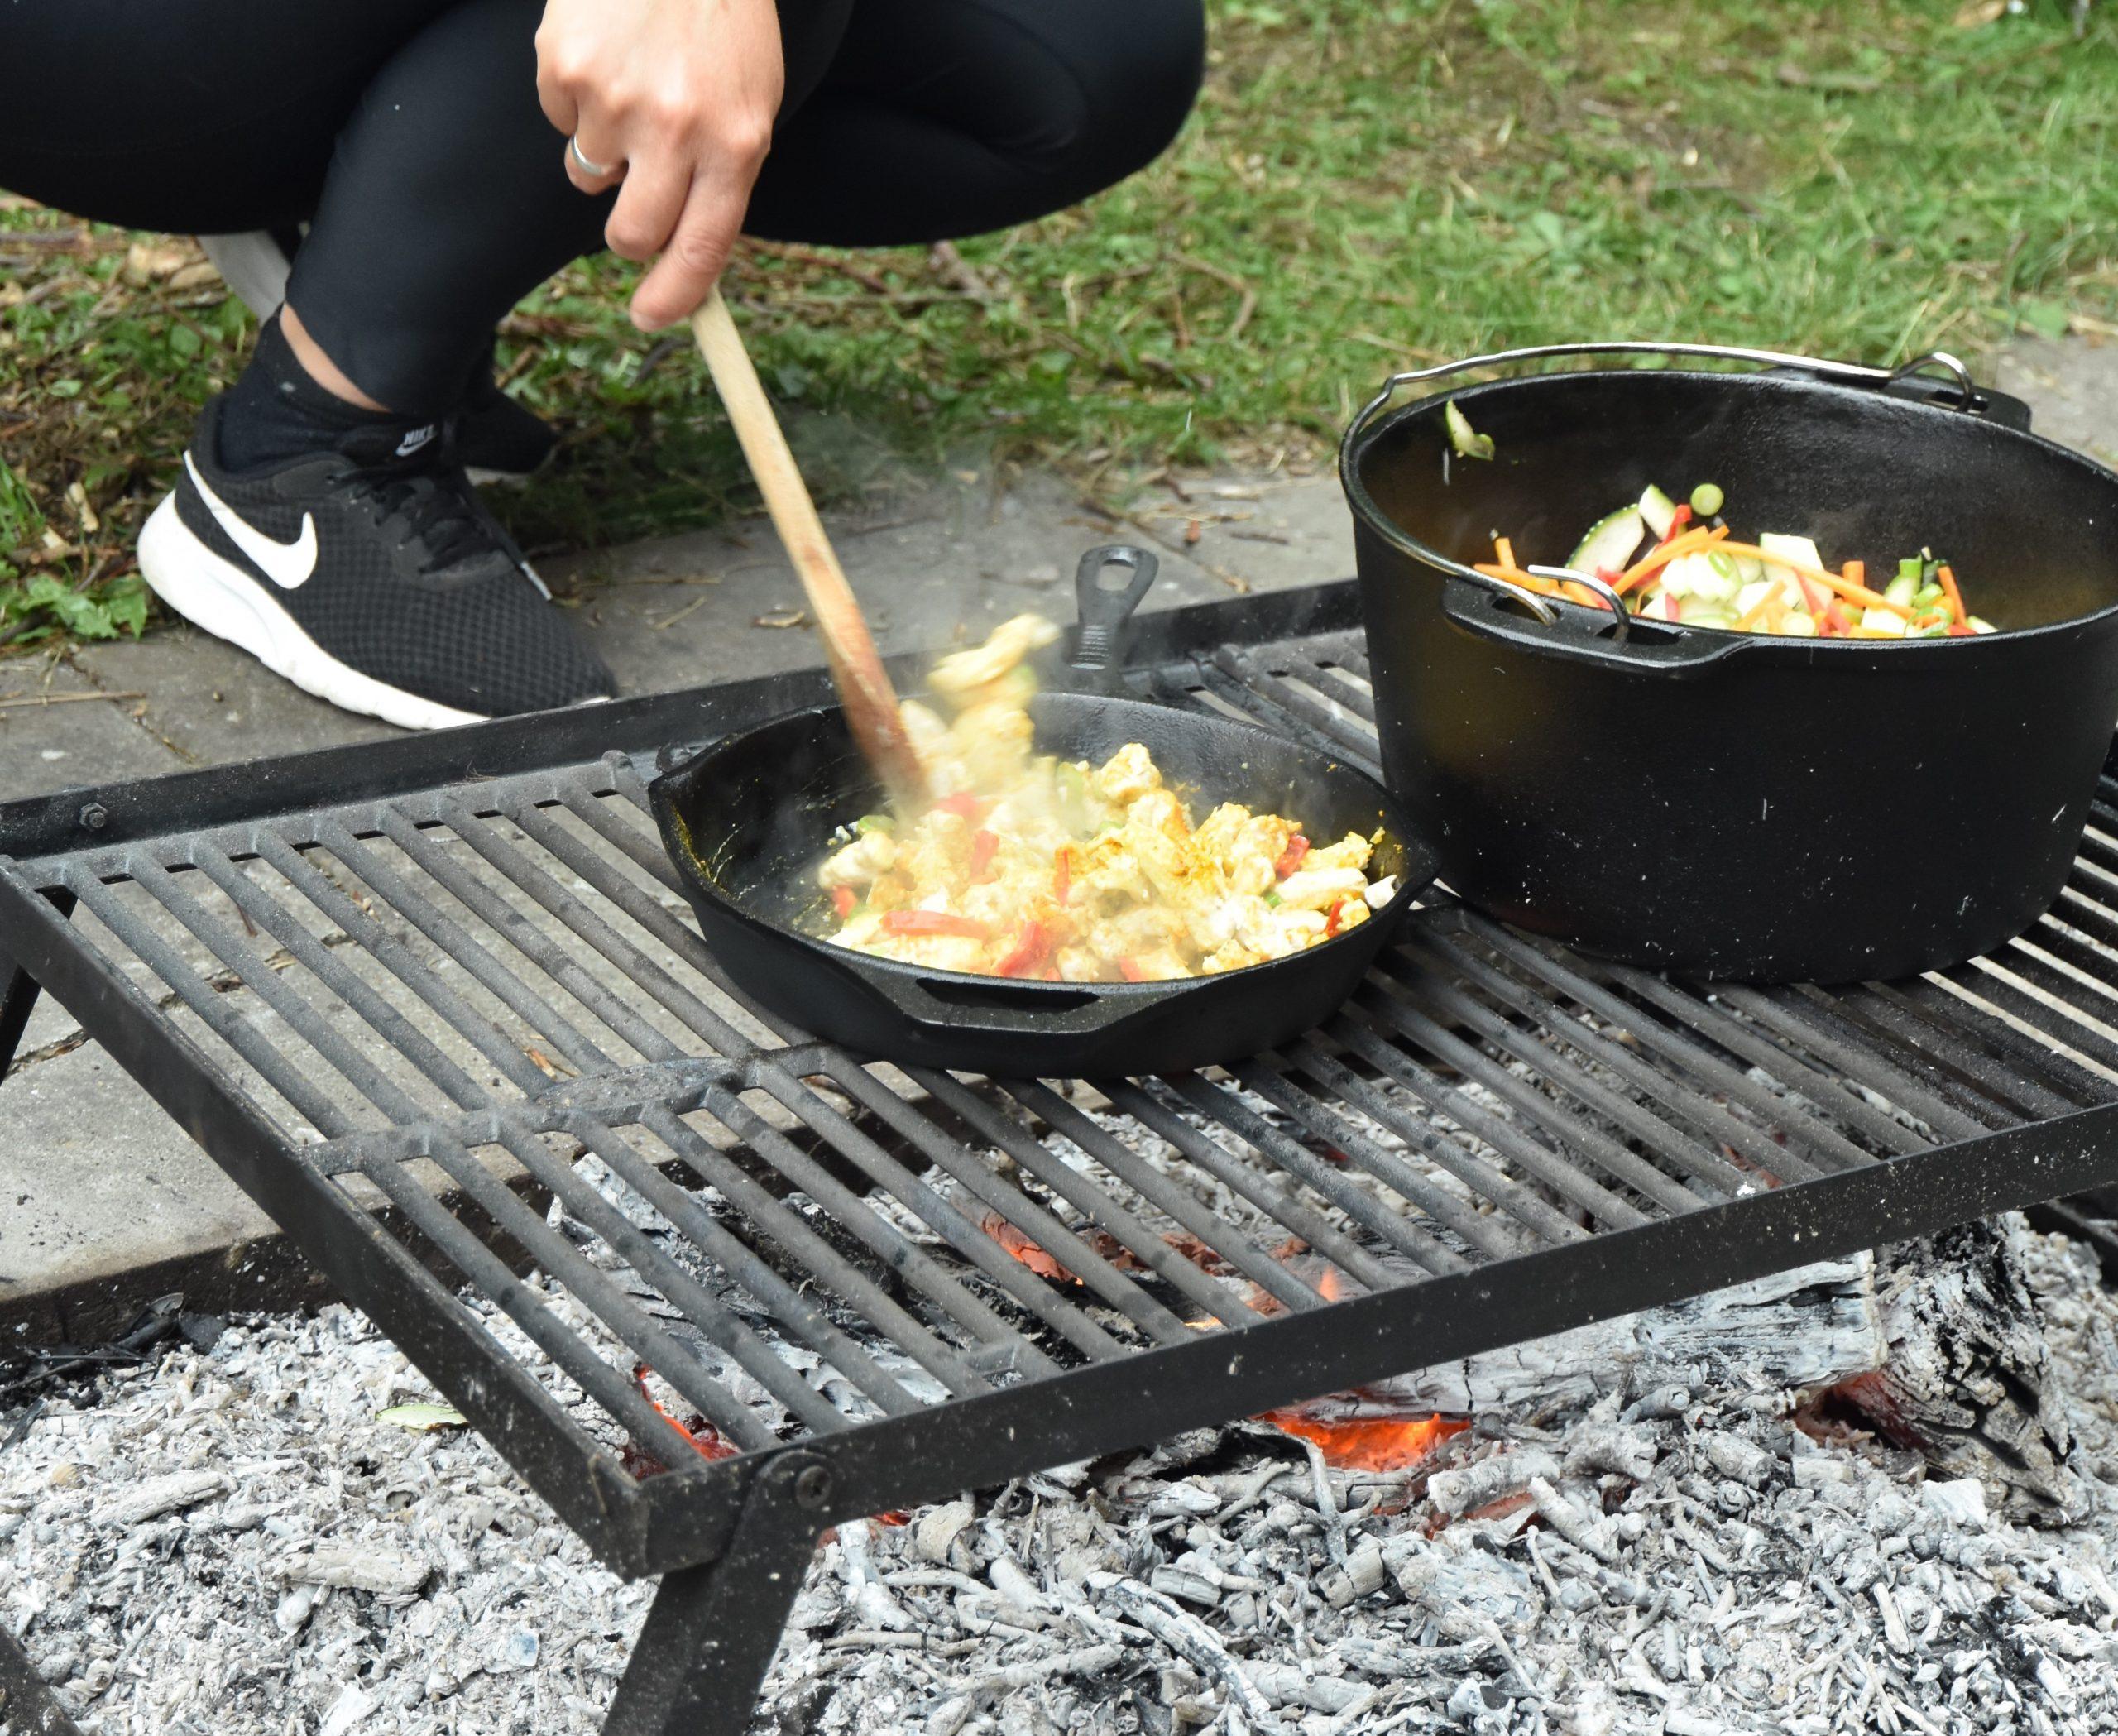 Bon-fire Bålgrill med Bon-fire Gryde og Stegepande i støbejern. Foto: @seatroutguidefyn